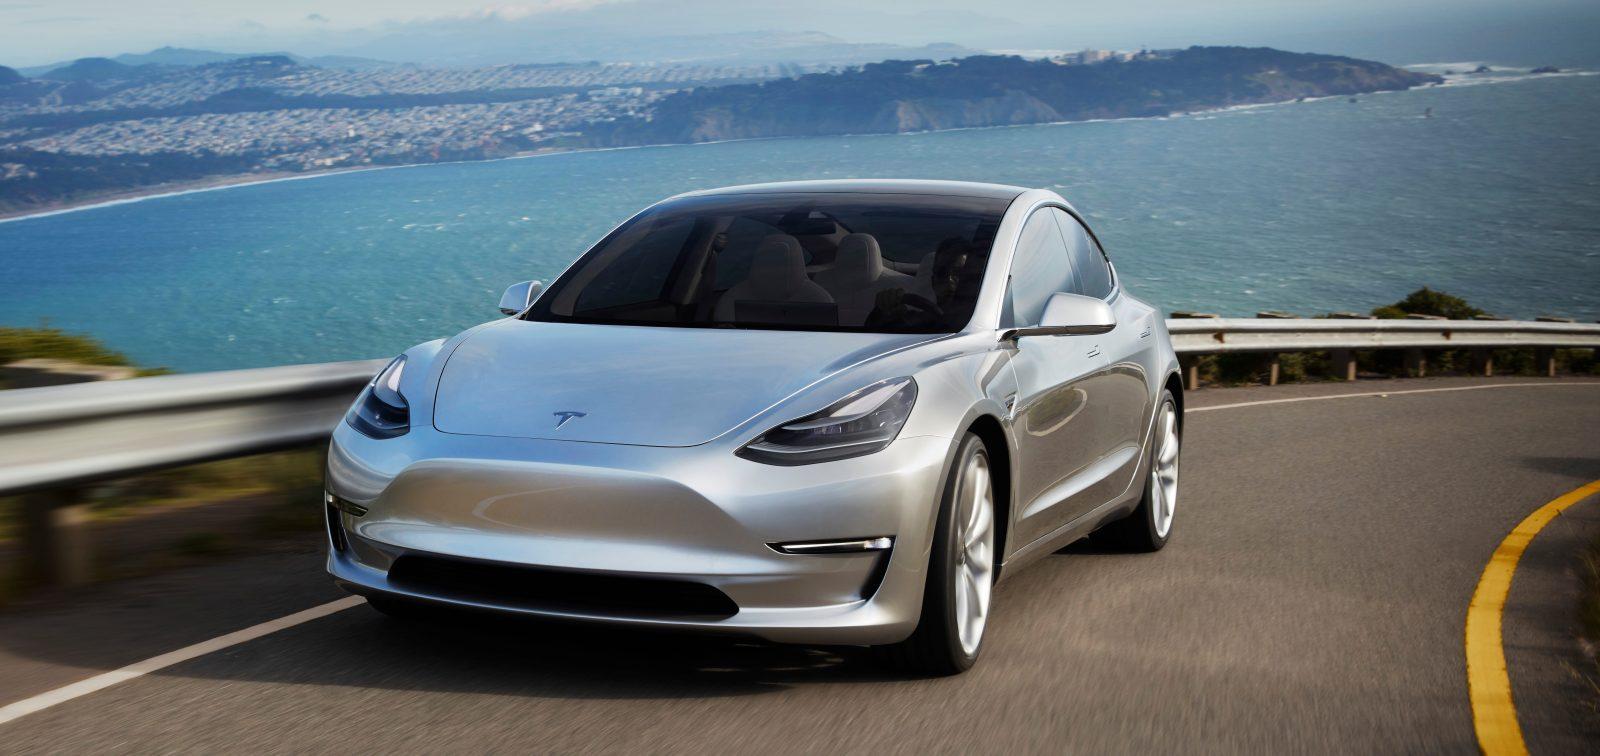 «Почему я расхотел покупать Tesla Model 3» - письмо разочаровавшегося автолюбителя 1